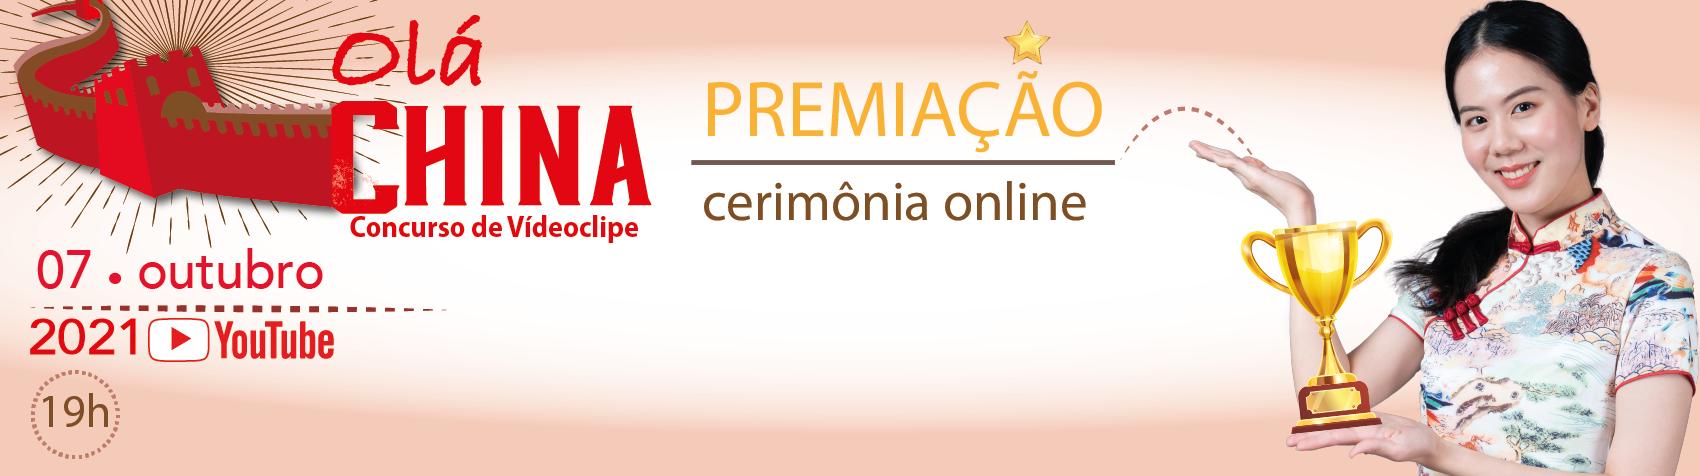 """Concurso de Vídeoclipe  """"Olá China!"""" – Cerimônia online de premiação"""